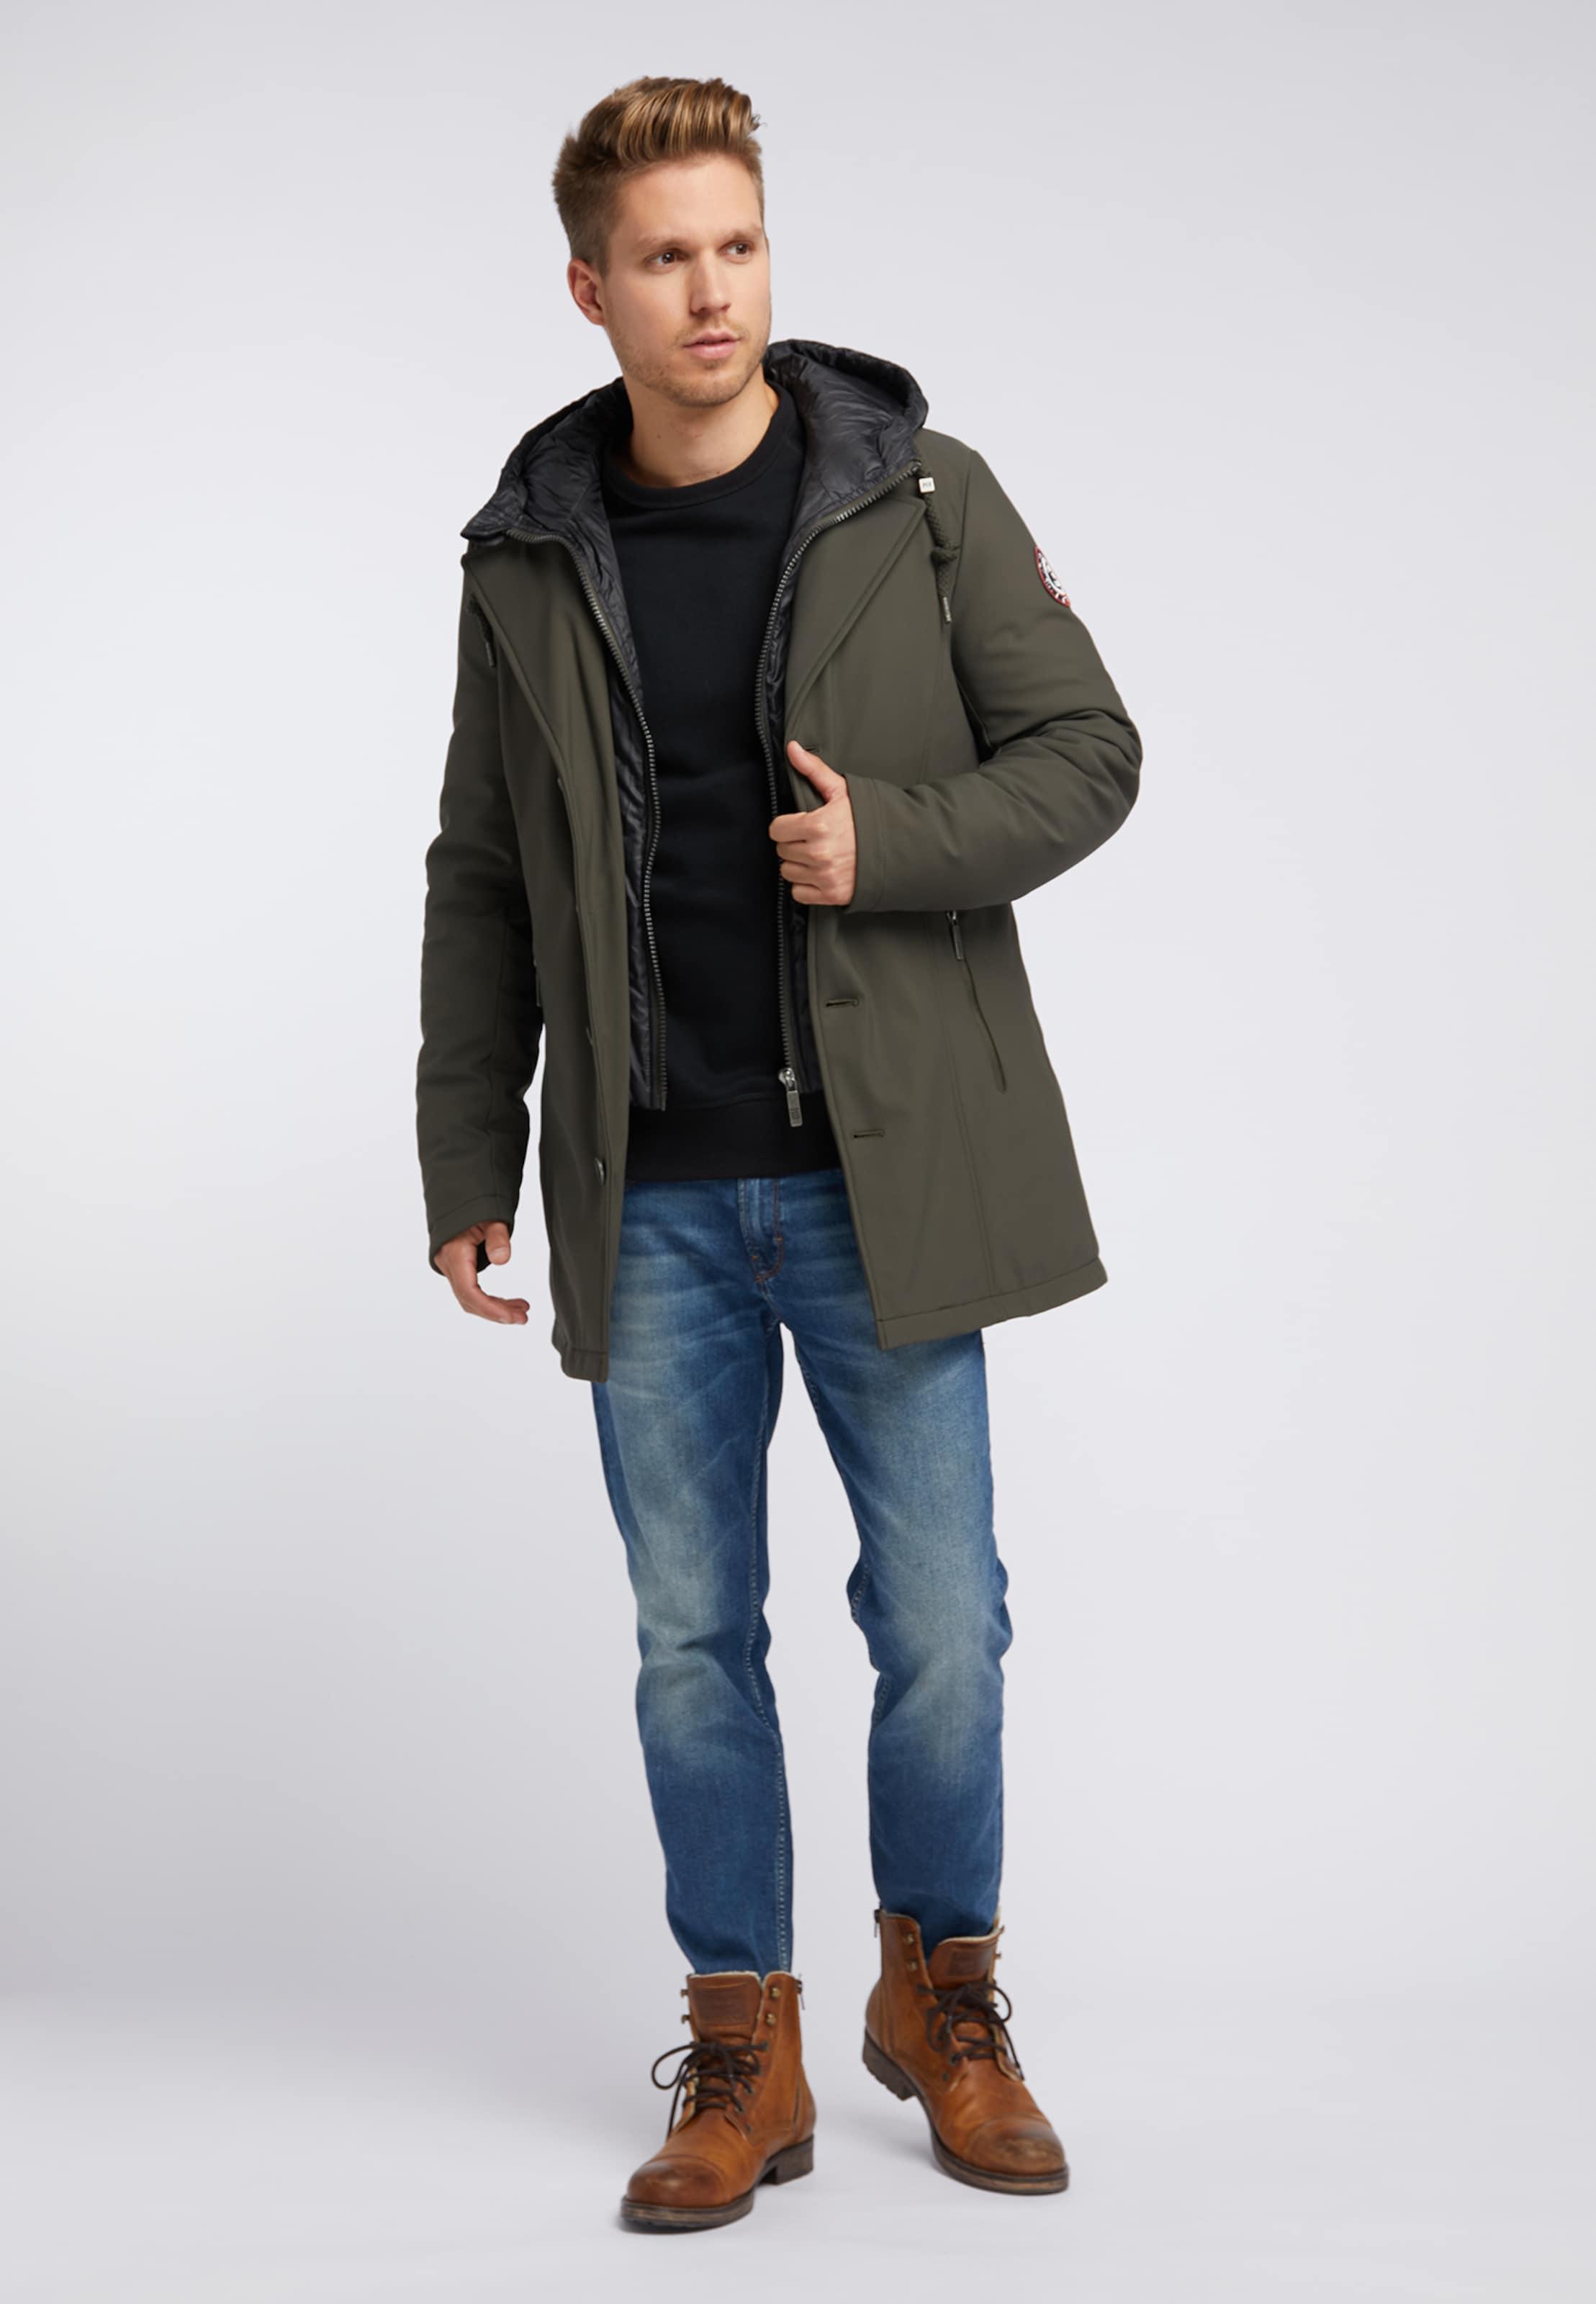 Khaki In Mo Jacke Mo Mo Khaki In Jacke Jacke Khaki Mo Jacke In In I6b7fgyvY